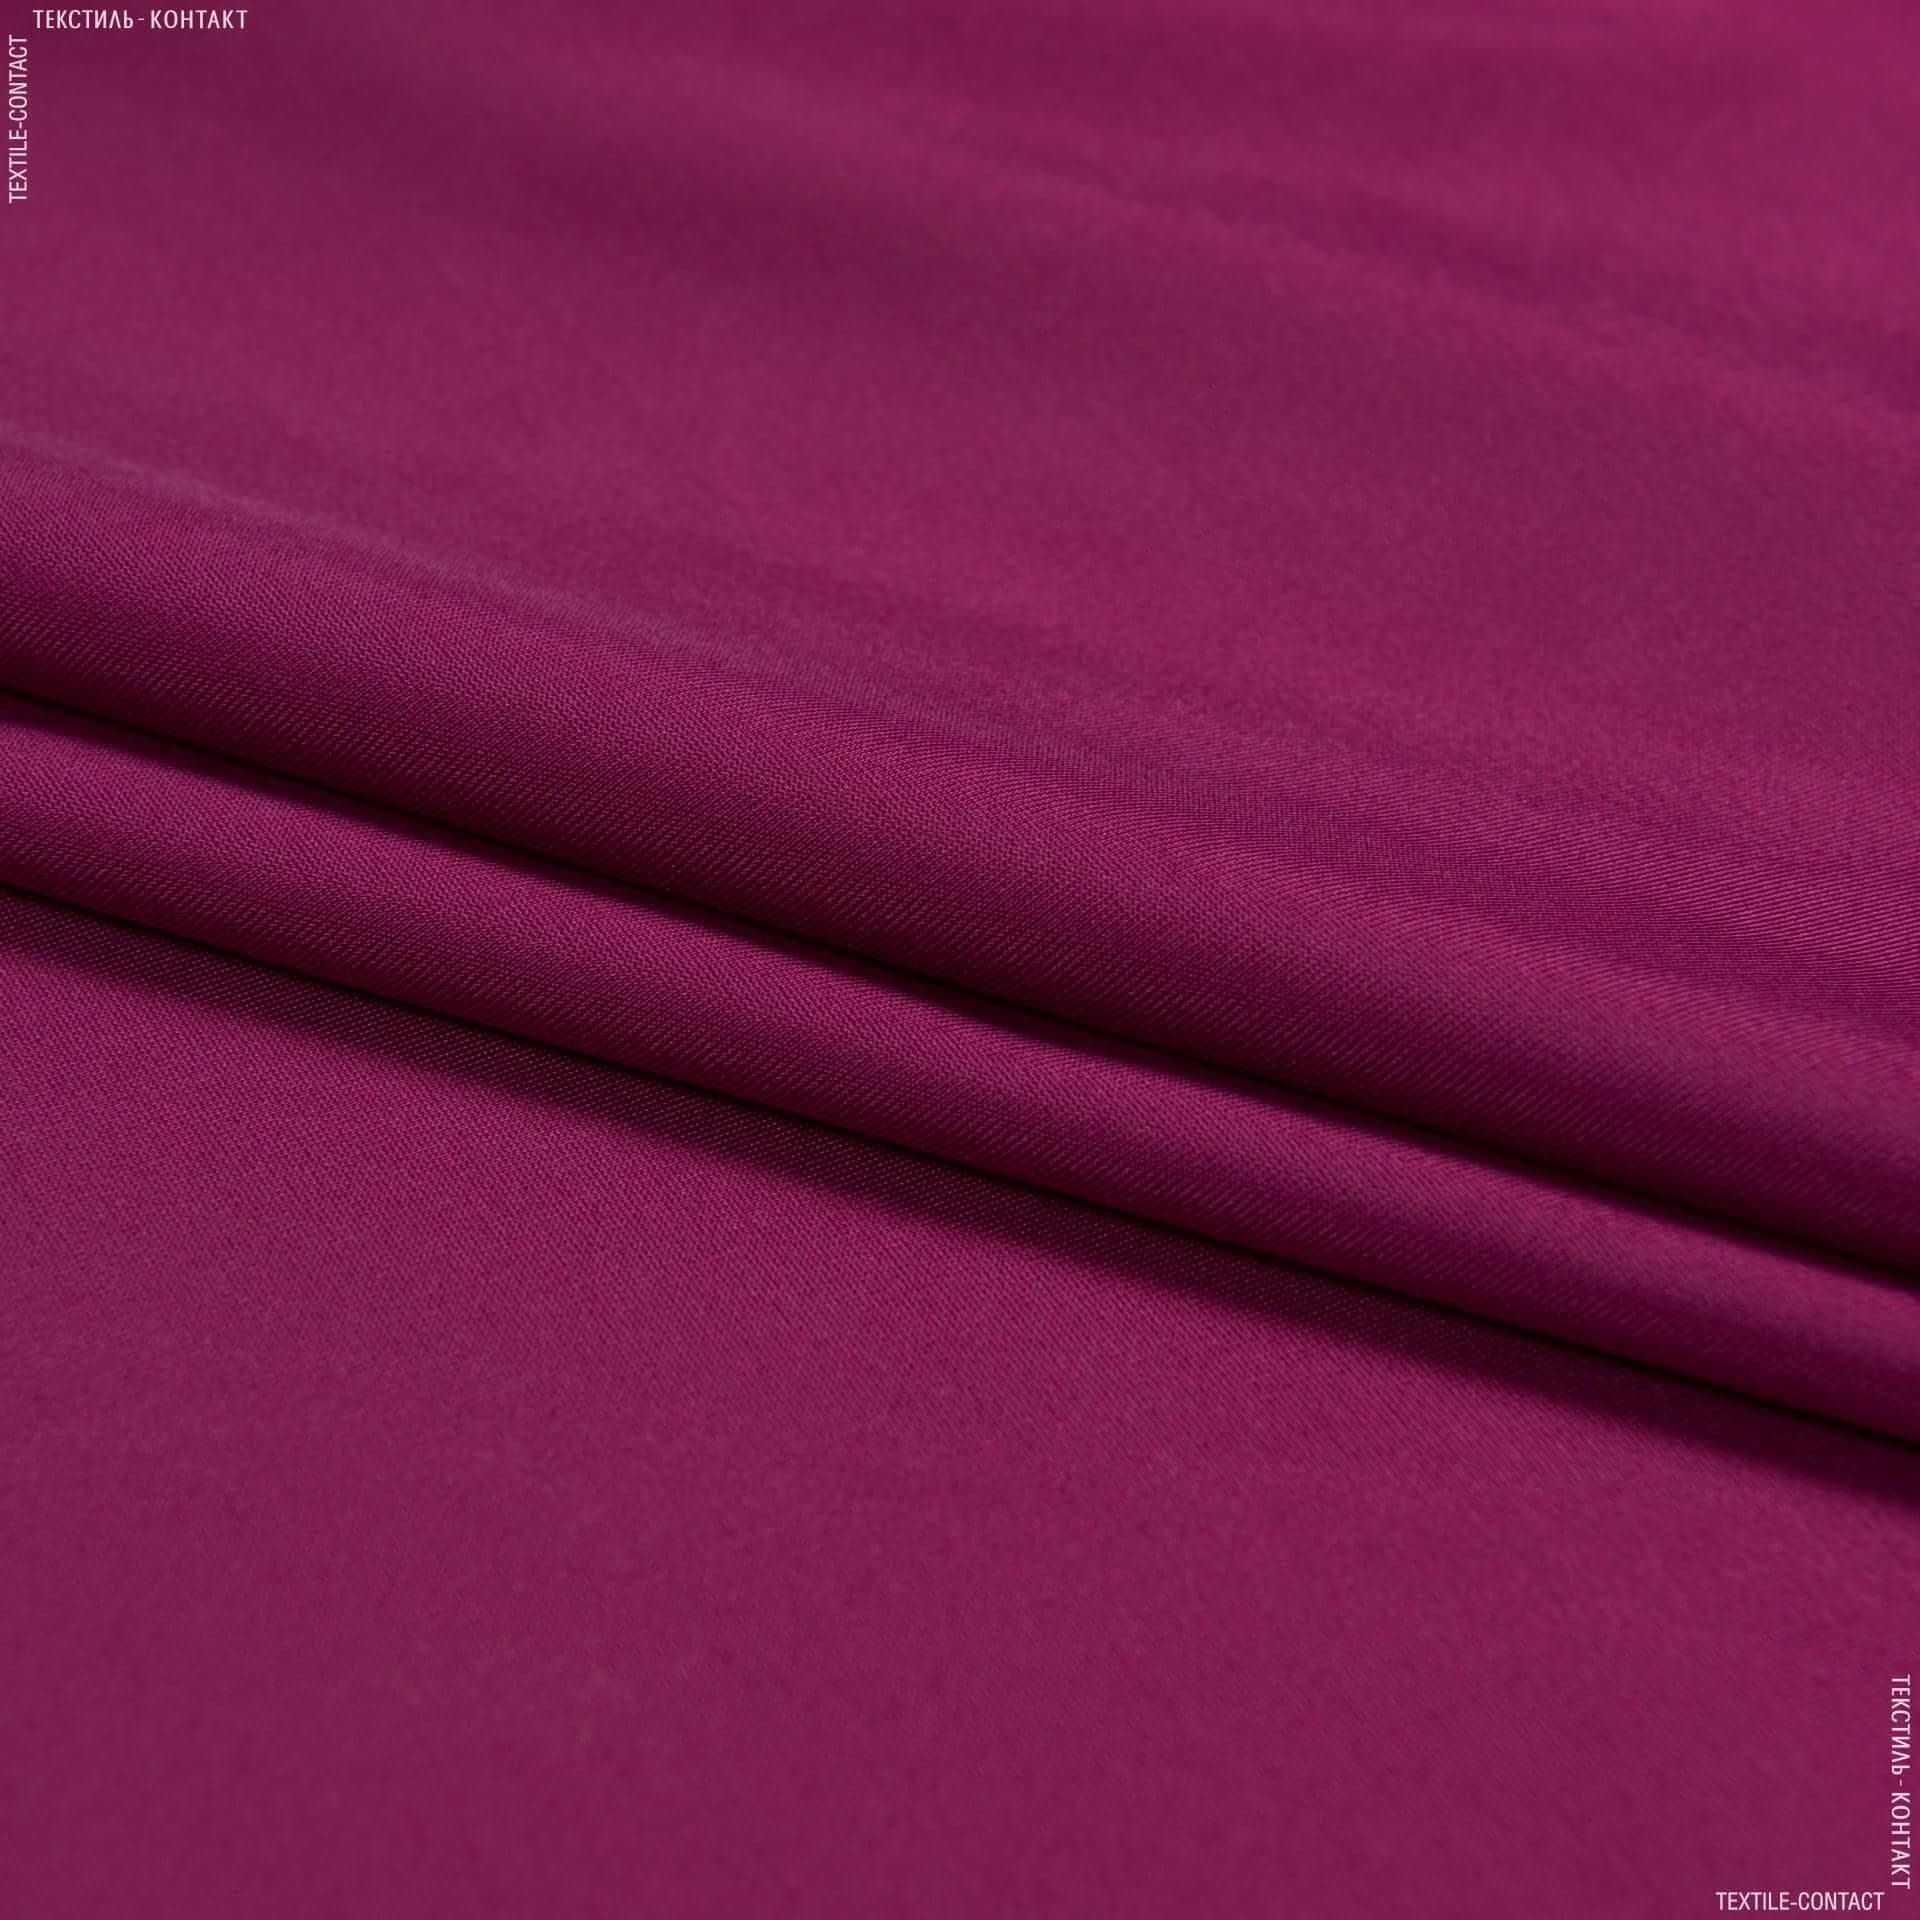 Тканини для спортивного одягу - Біфлекс бордовий